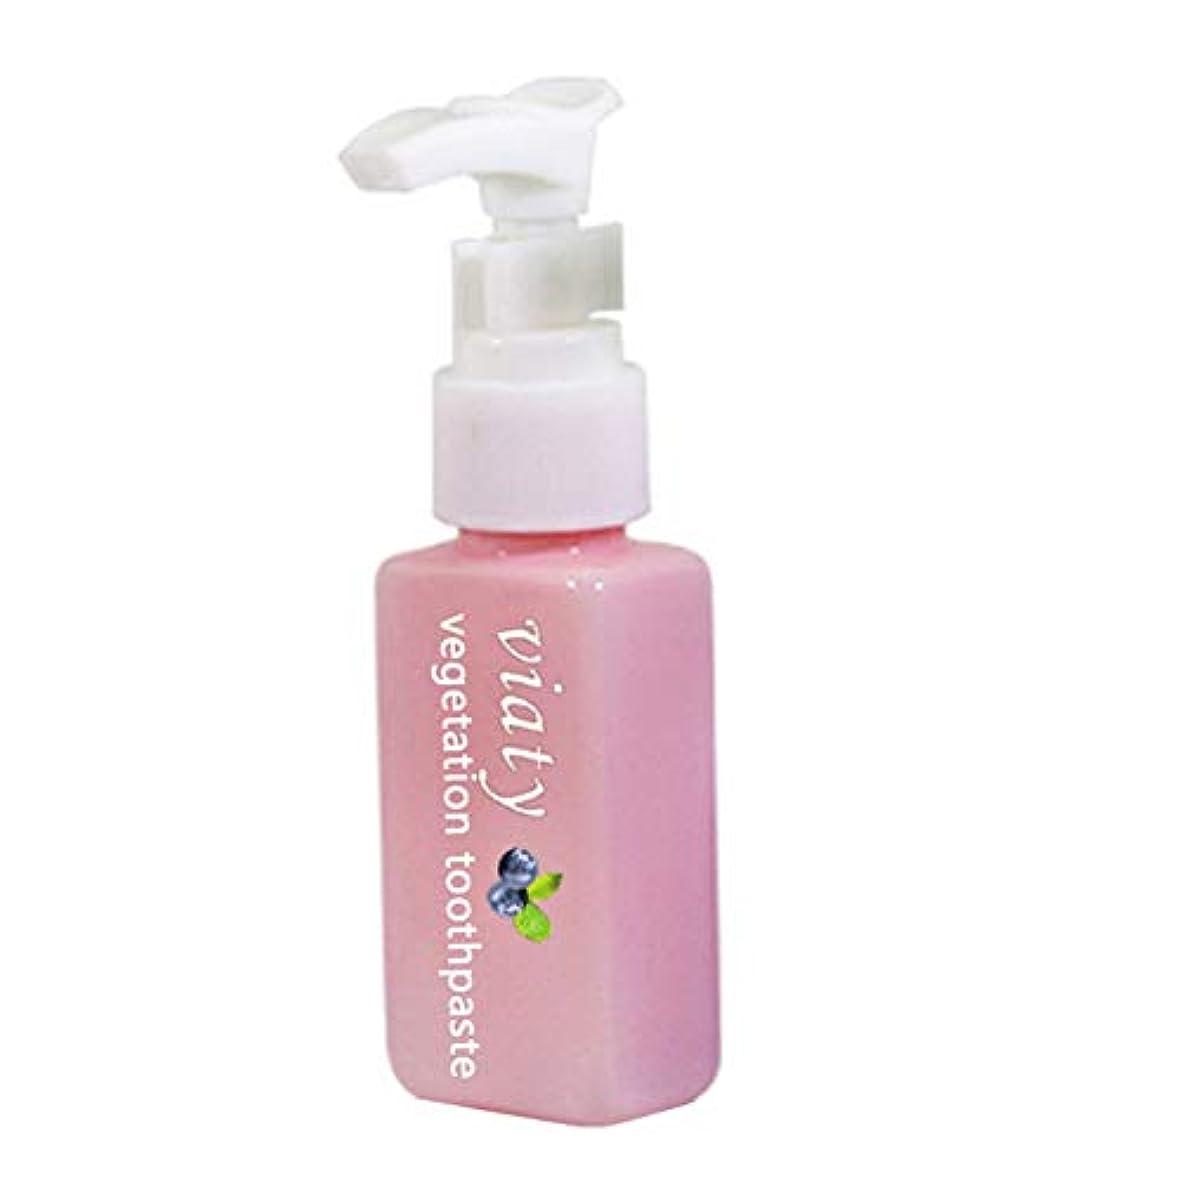 勧める隔離添加剤JanusSaja歯磨き粉アンチブリードガムプレスタイプ新鮮な歯磨き粉を白くする汚れ除去剤